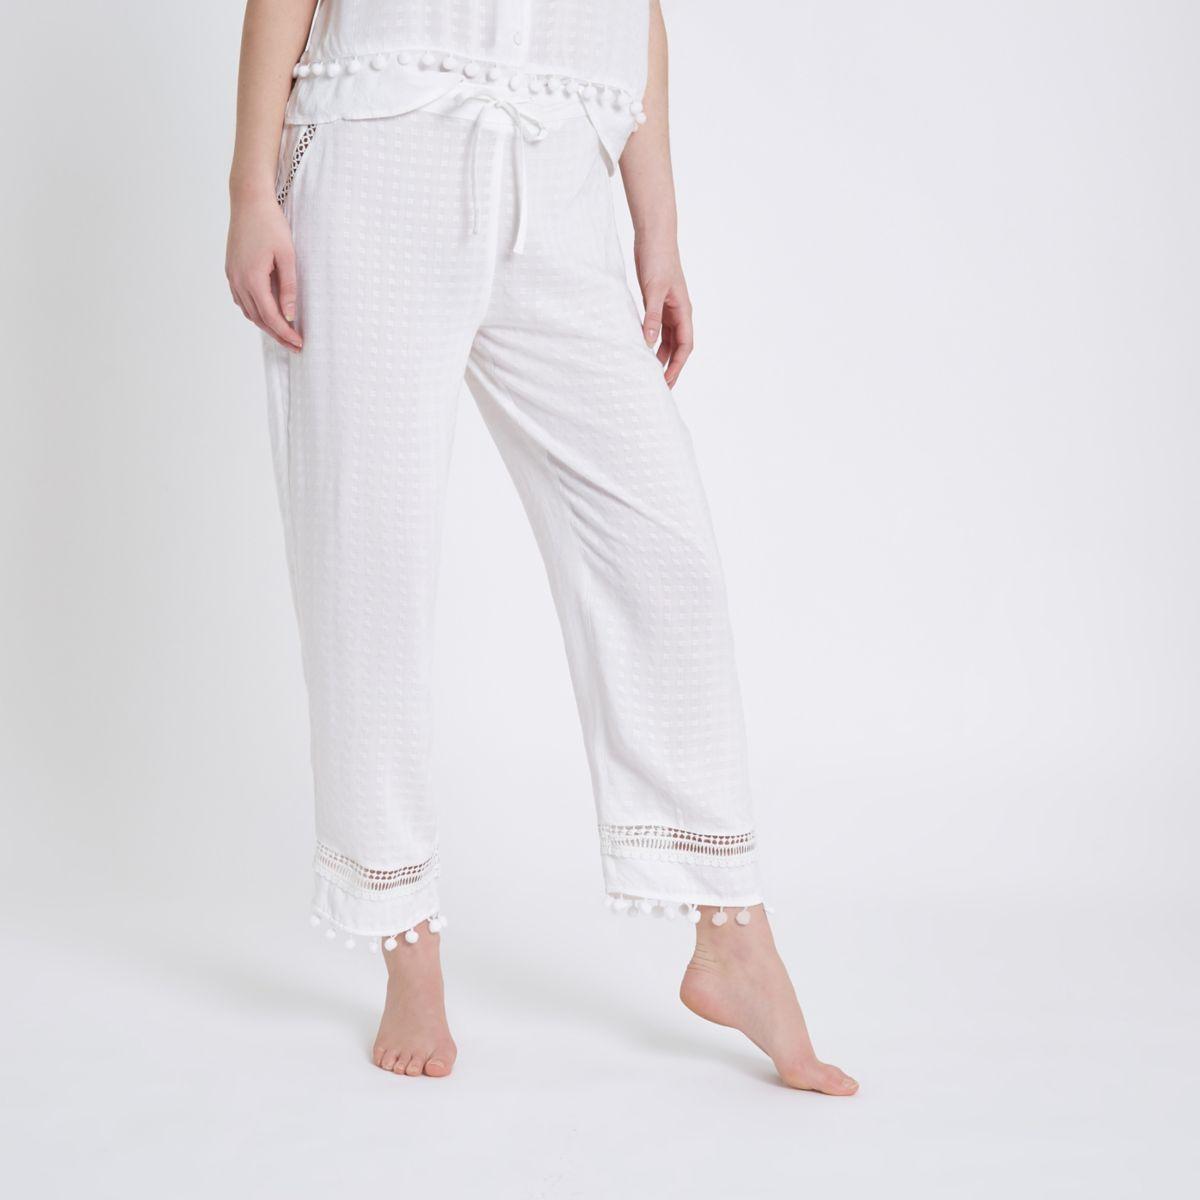 White pom pom trim lace pyjama bottoms